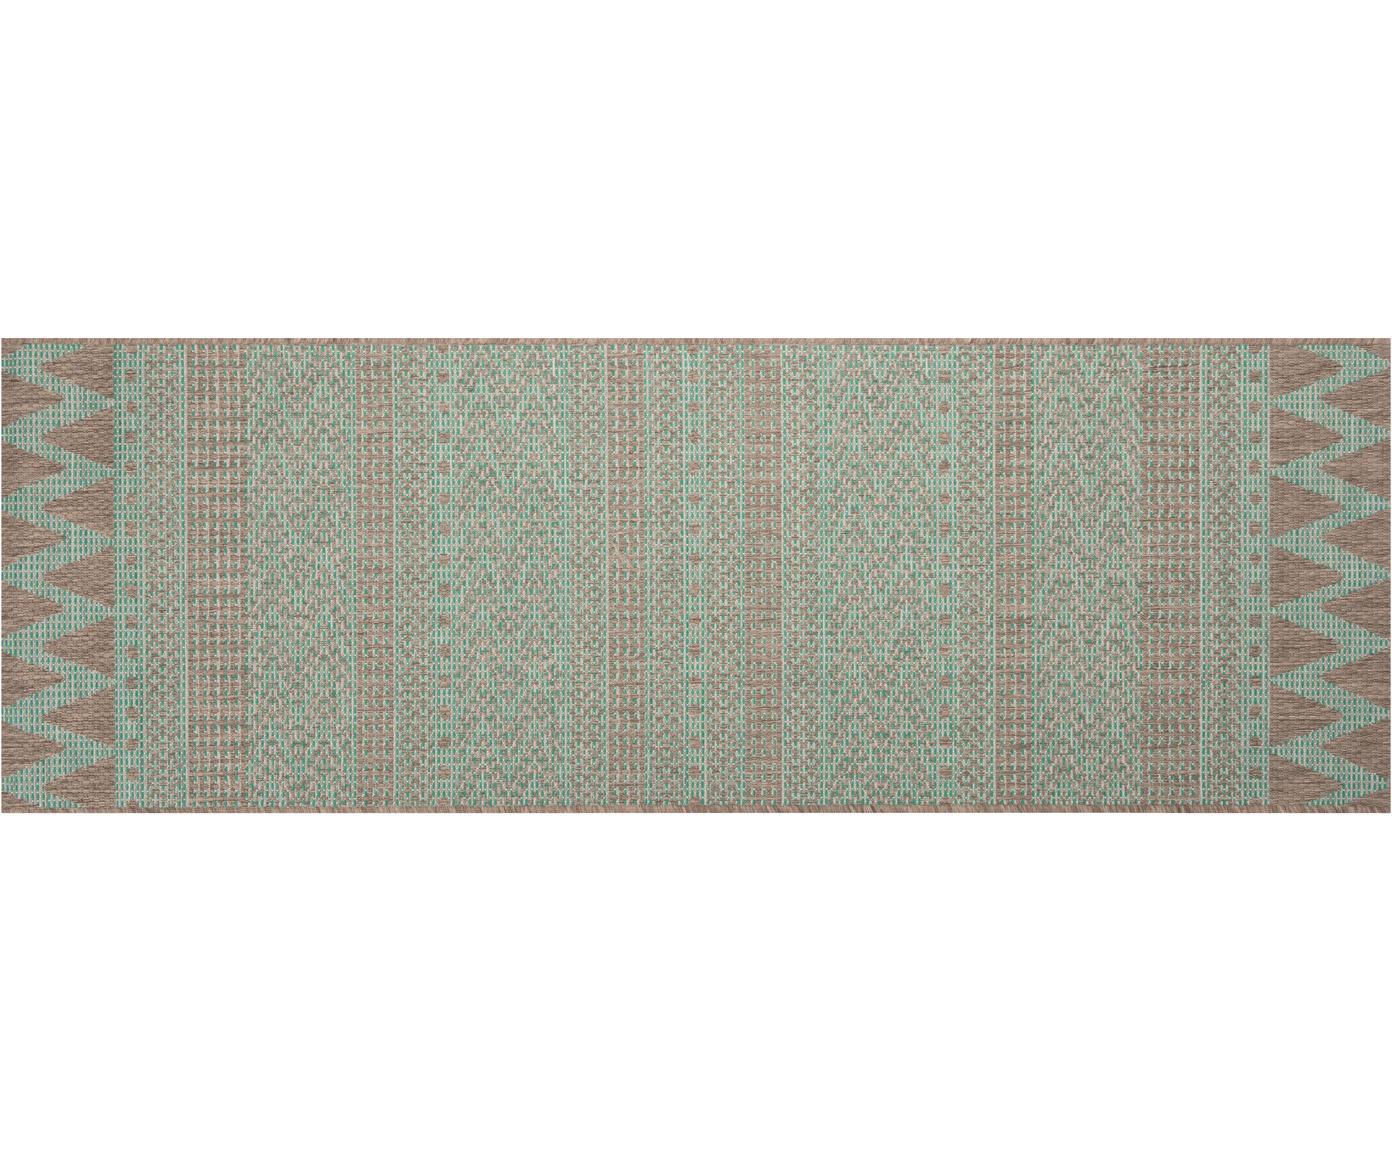 In- & Outdoor-Läufer Sidon mit grafischem Muster, 100% Polypropylen, Grün, Taupe, 70 x 200 cm